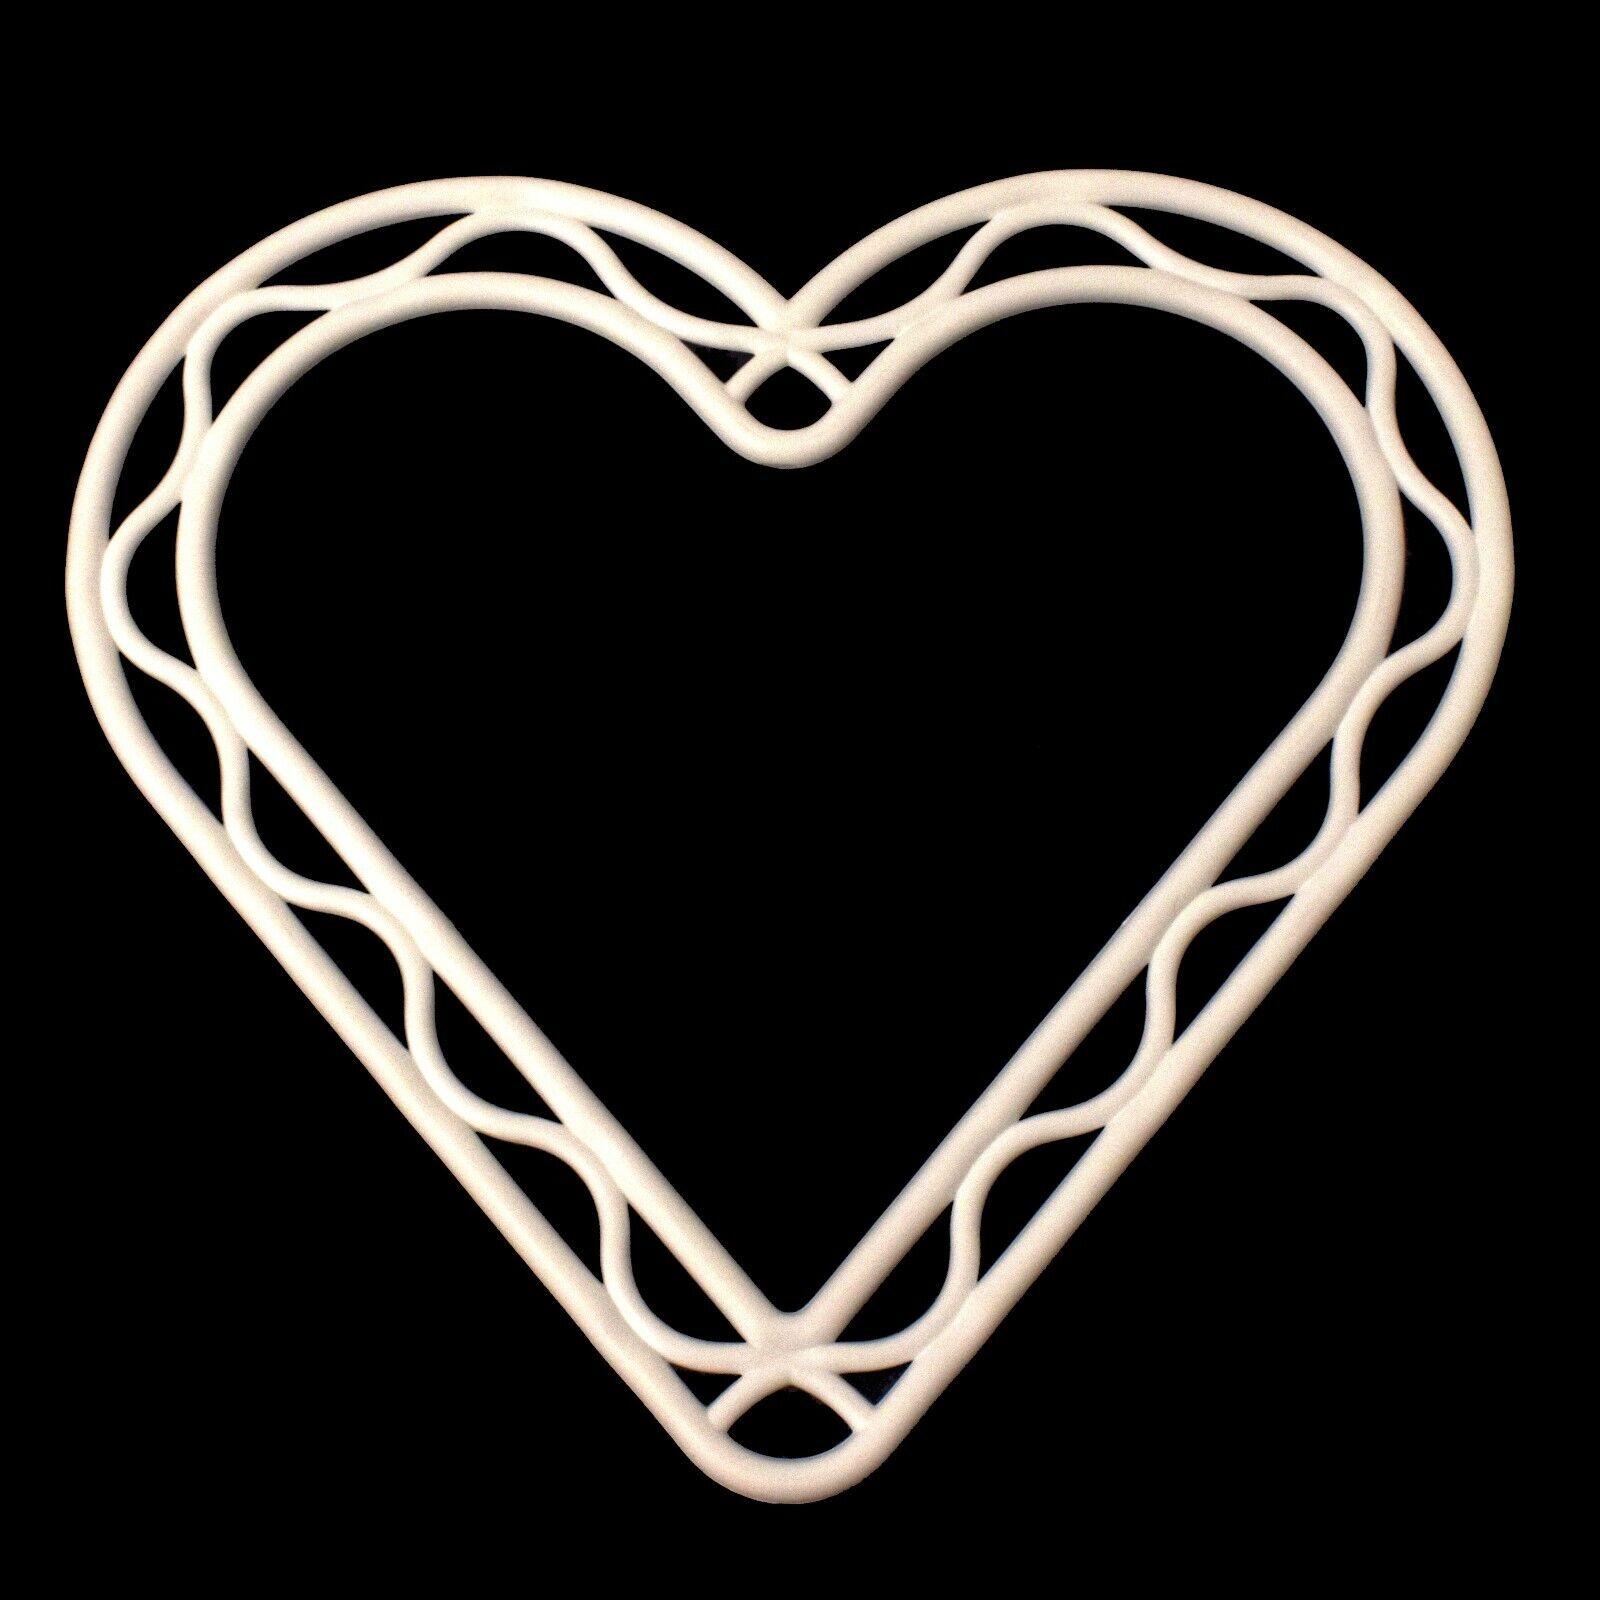 8 pulgadas blanco de plástico marco de corona en forma de Corazón Decoración Floristry Bodas